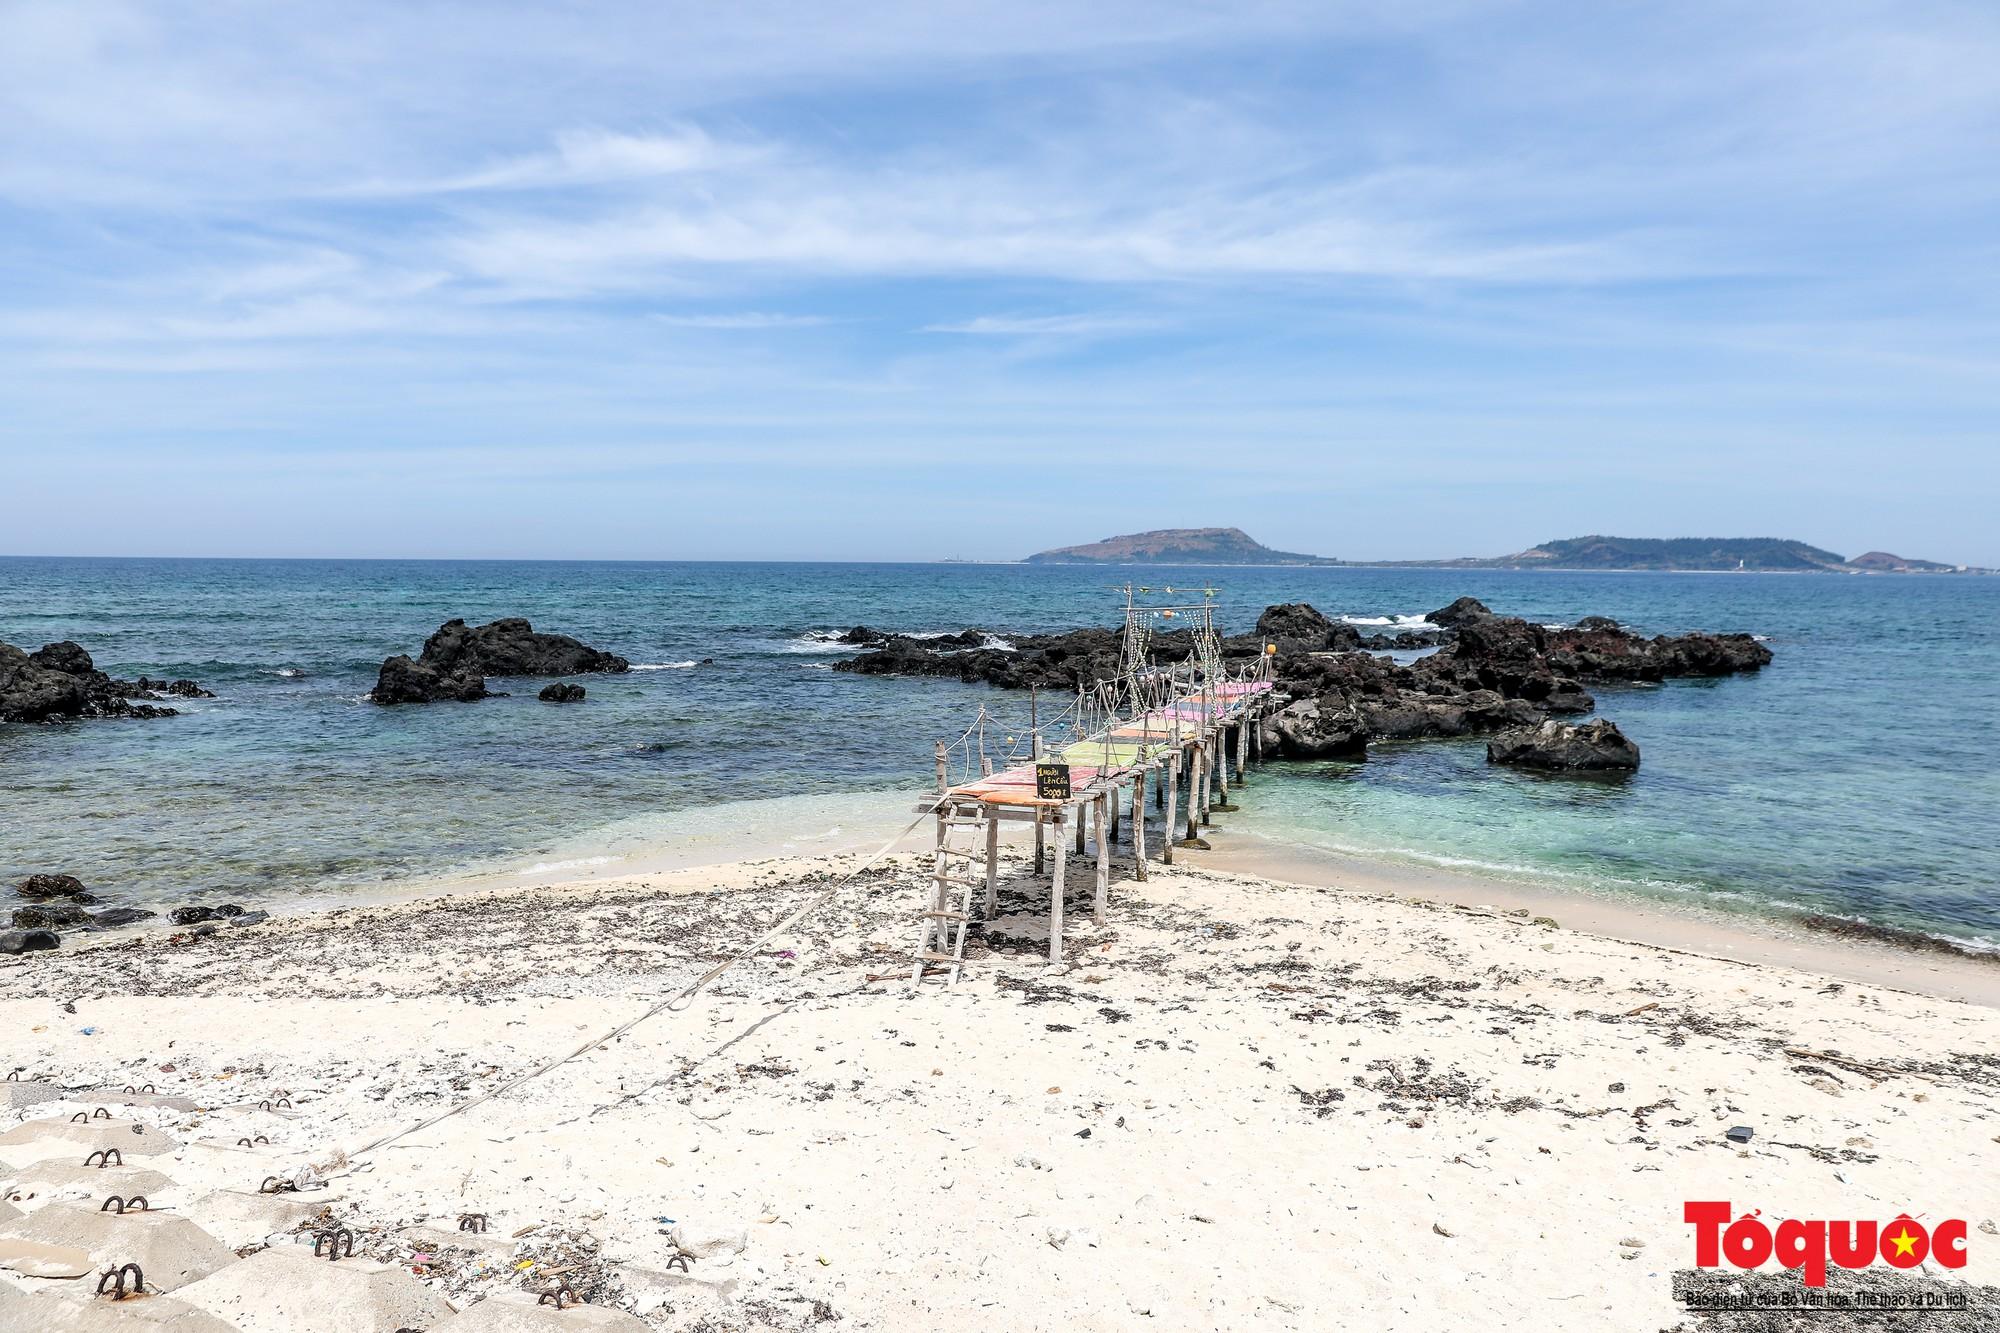 Ngỡ ngàng trước vẻ đẹp hoang sơ như thiên đường nhỏ của Đảo Bé, Lý Sơn - Ảnh 11.